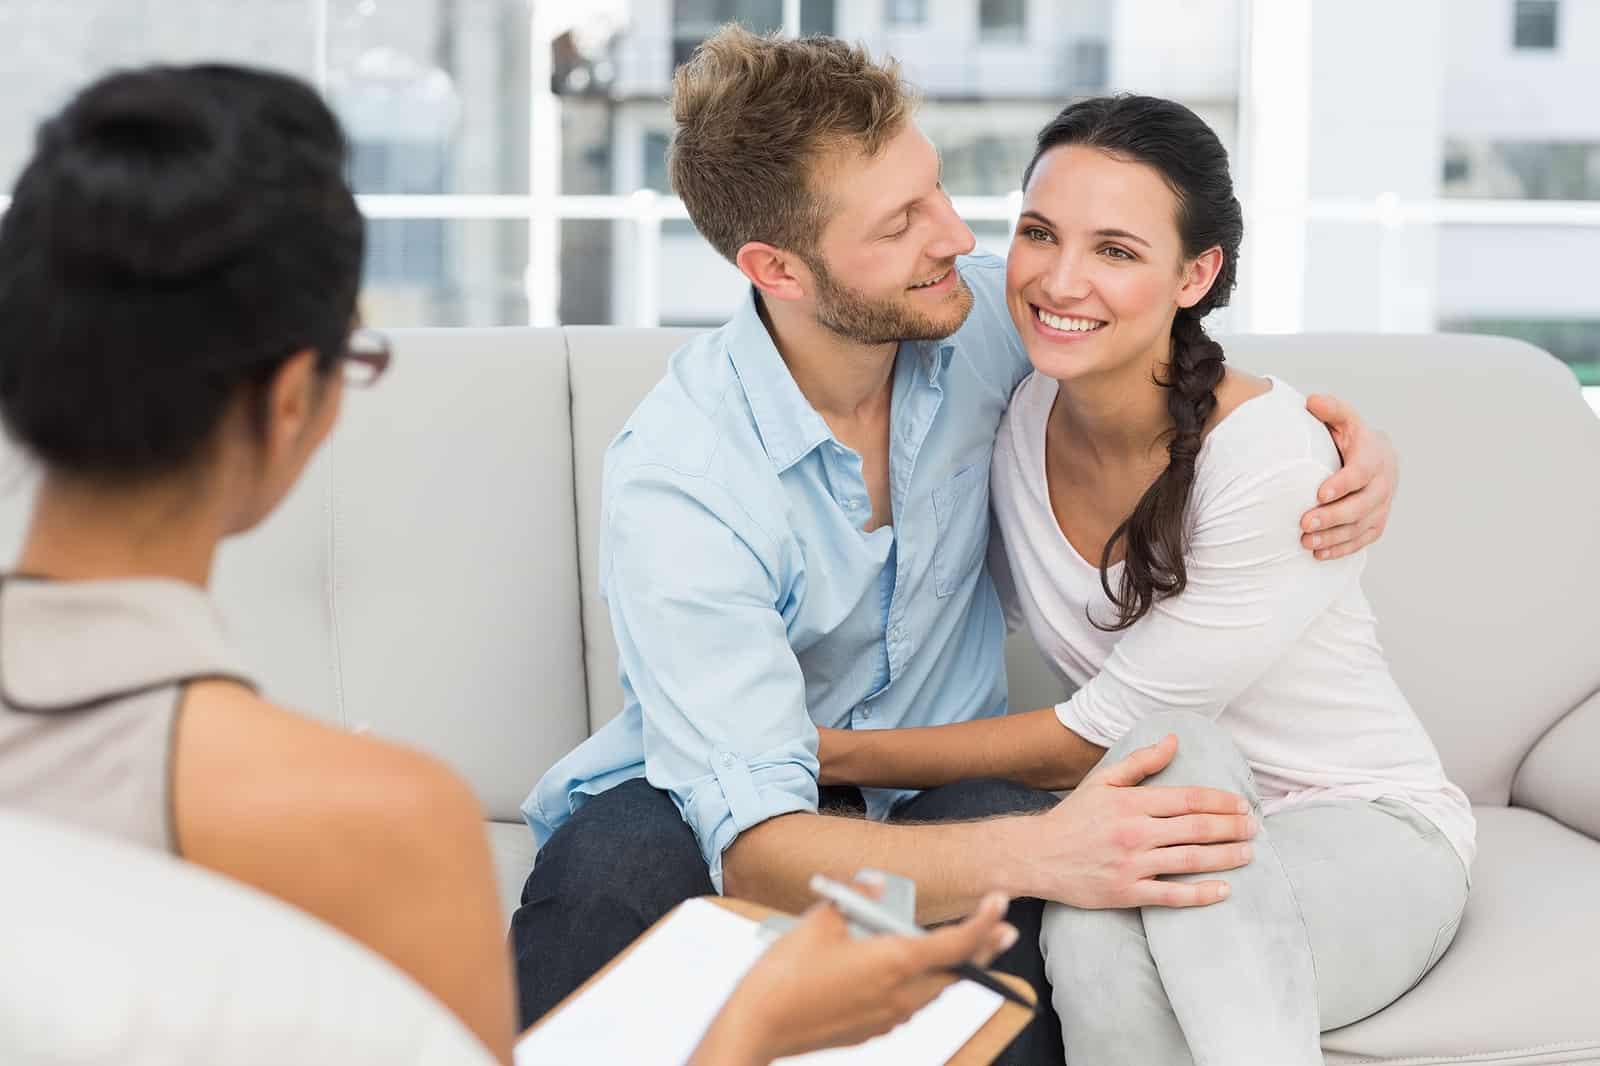 Иногда решить семейные конфликты без профессионала невозможно